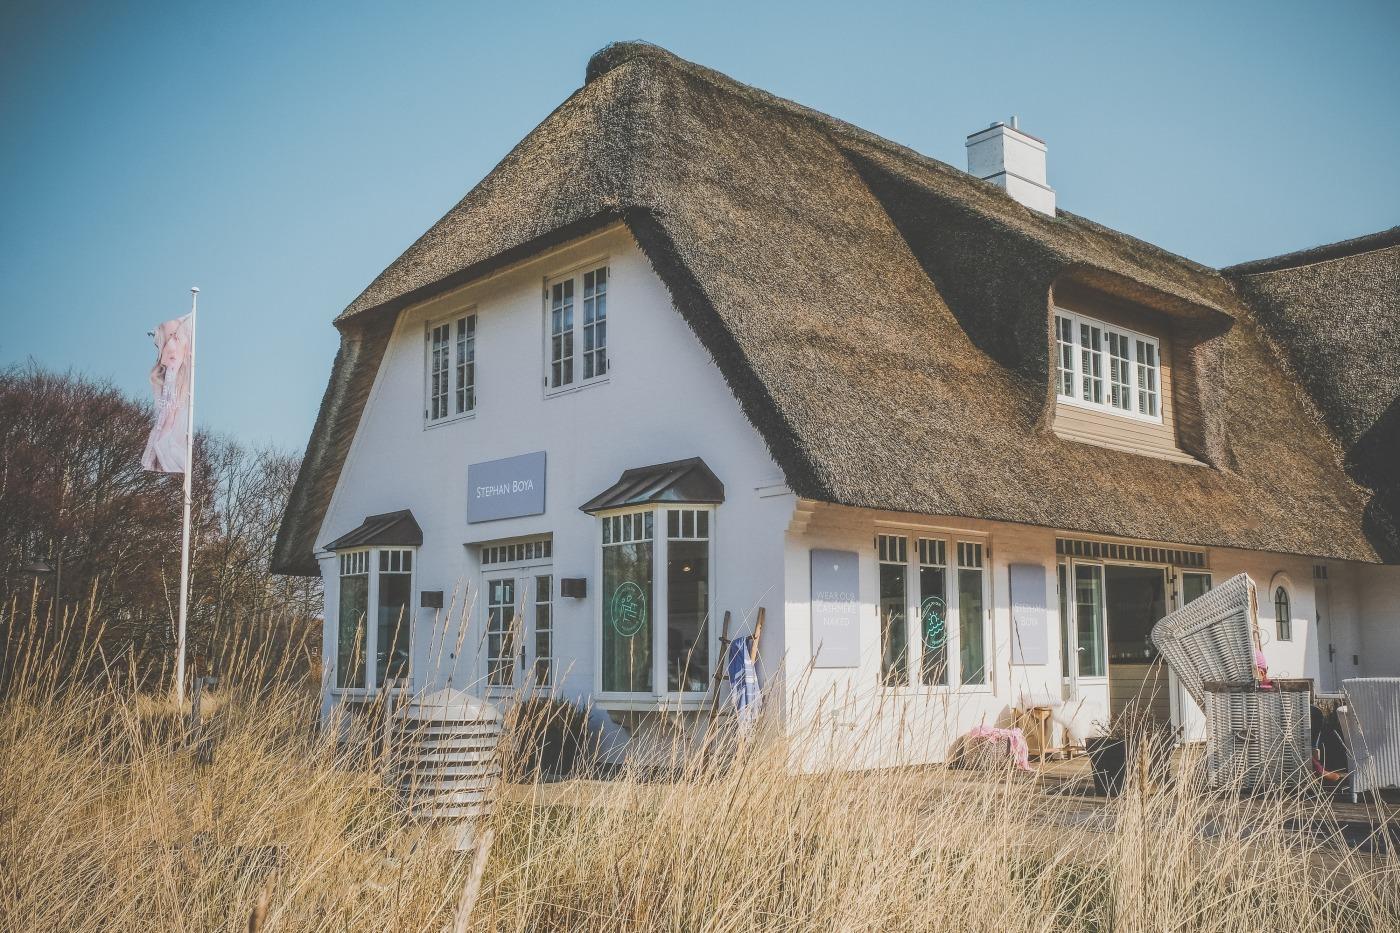 Stephan Boya Beach House